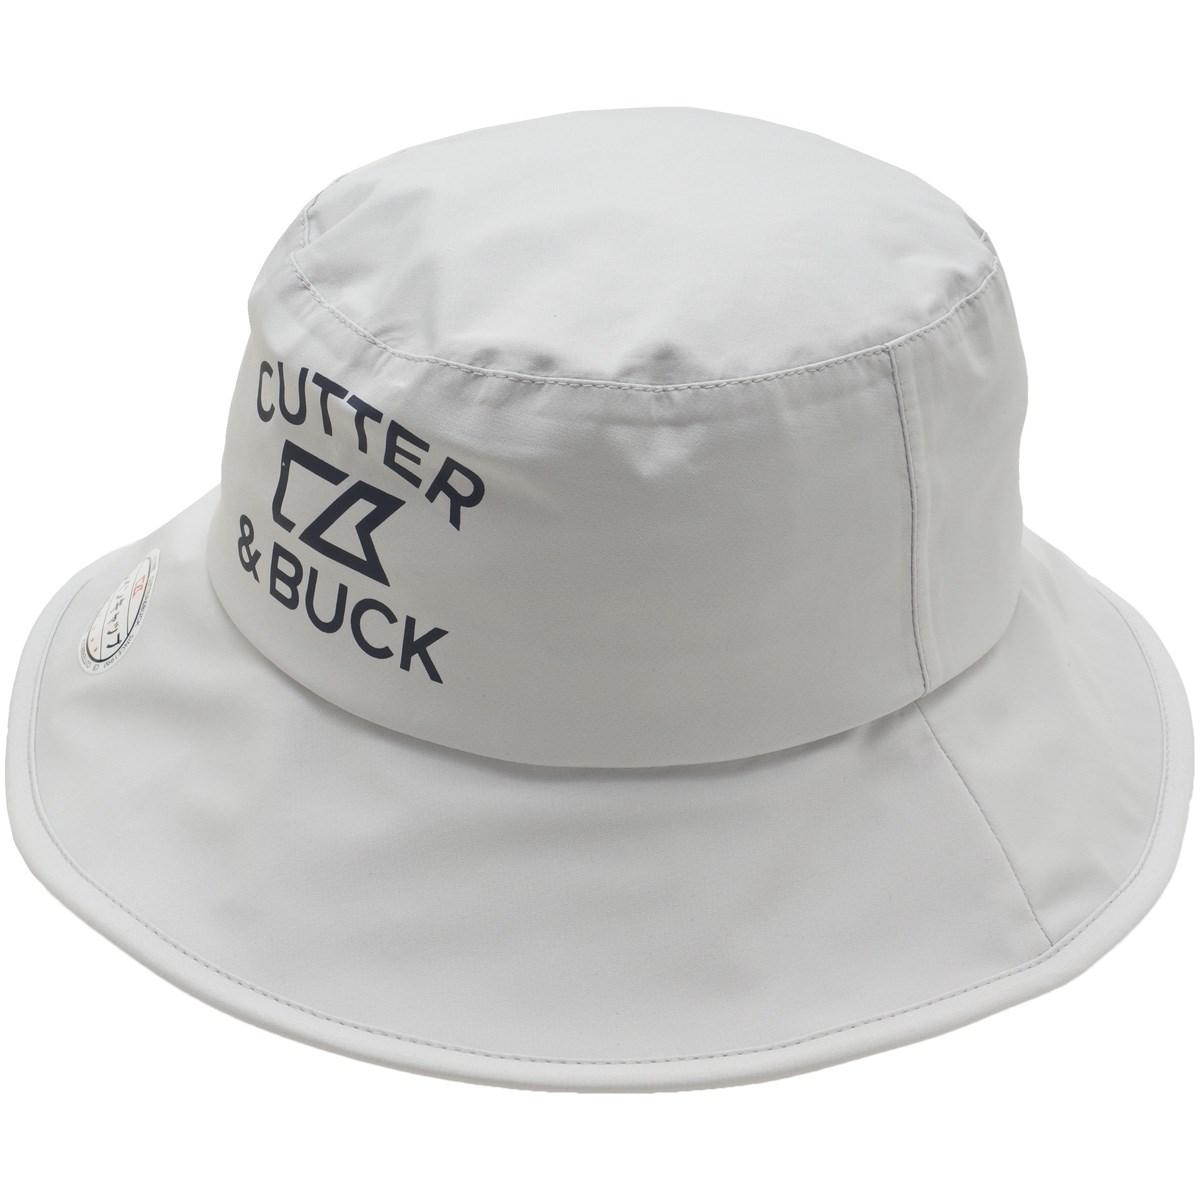 [2019年モデル] カッター&バック CUTTER&BUCK レインハット グレー 00 メンズ ゴルフウェア